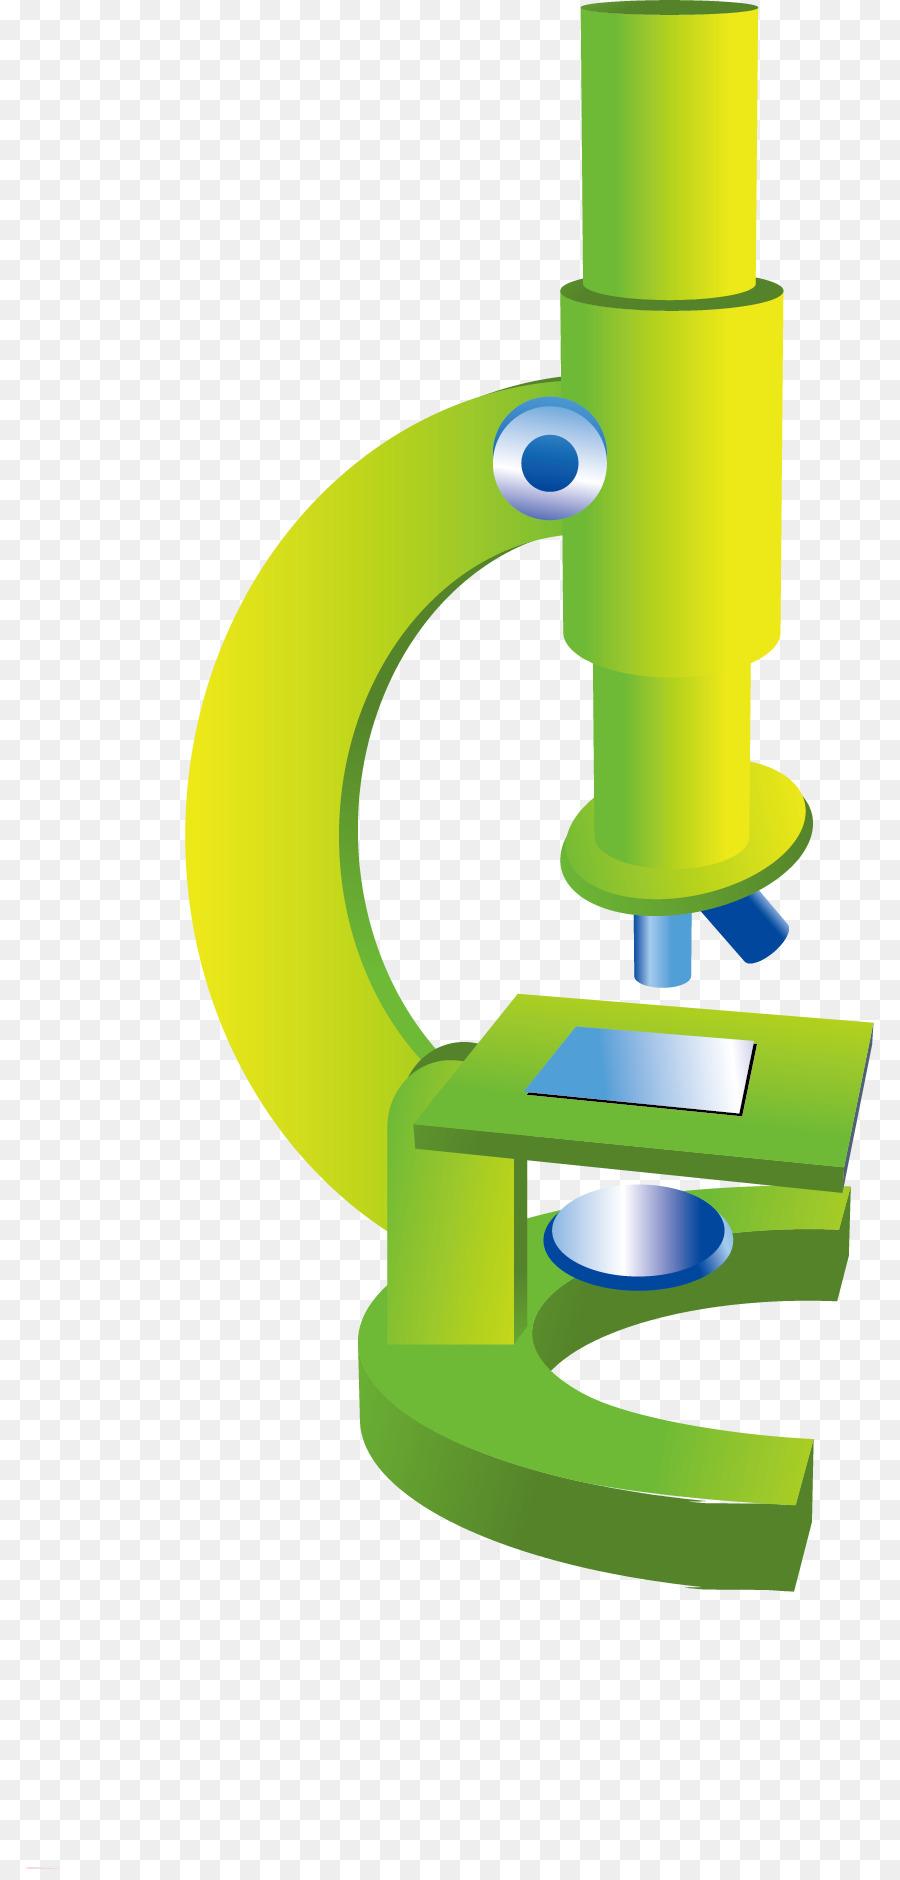 Descarga gratuita de Verde, La Tecnología, ángulo De imágenes PNG